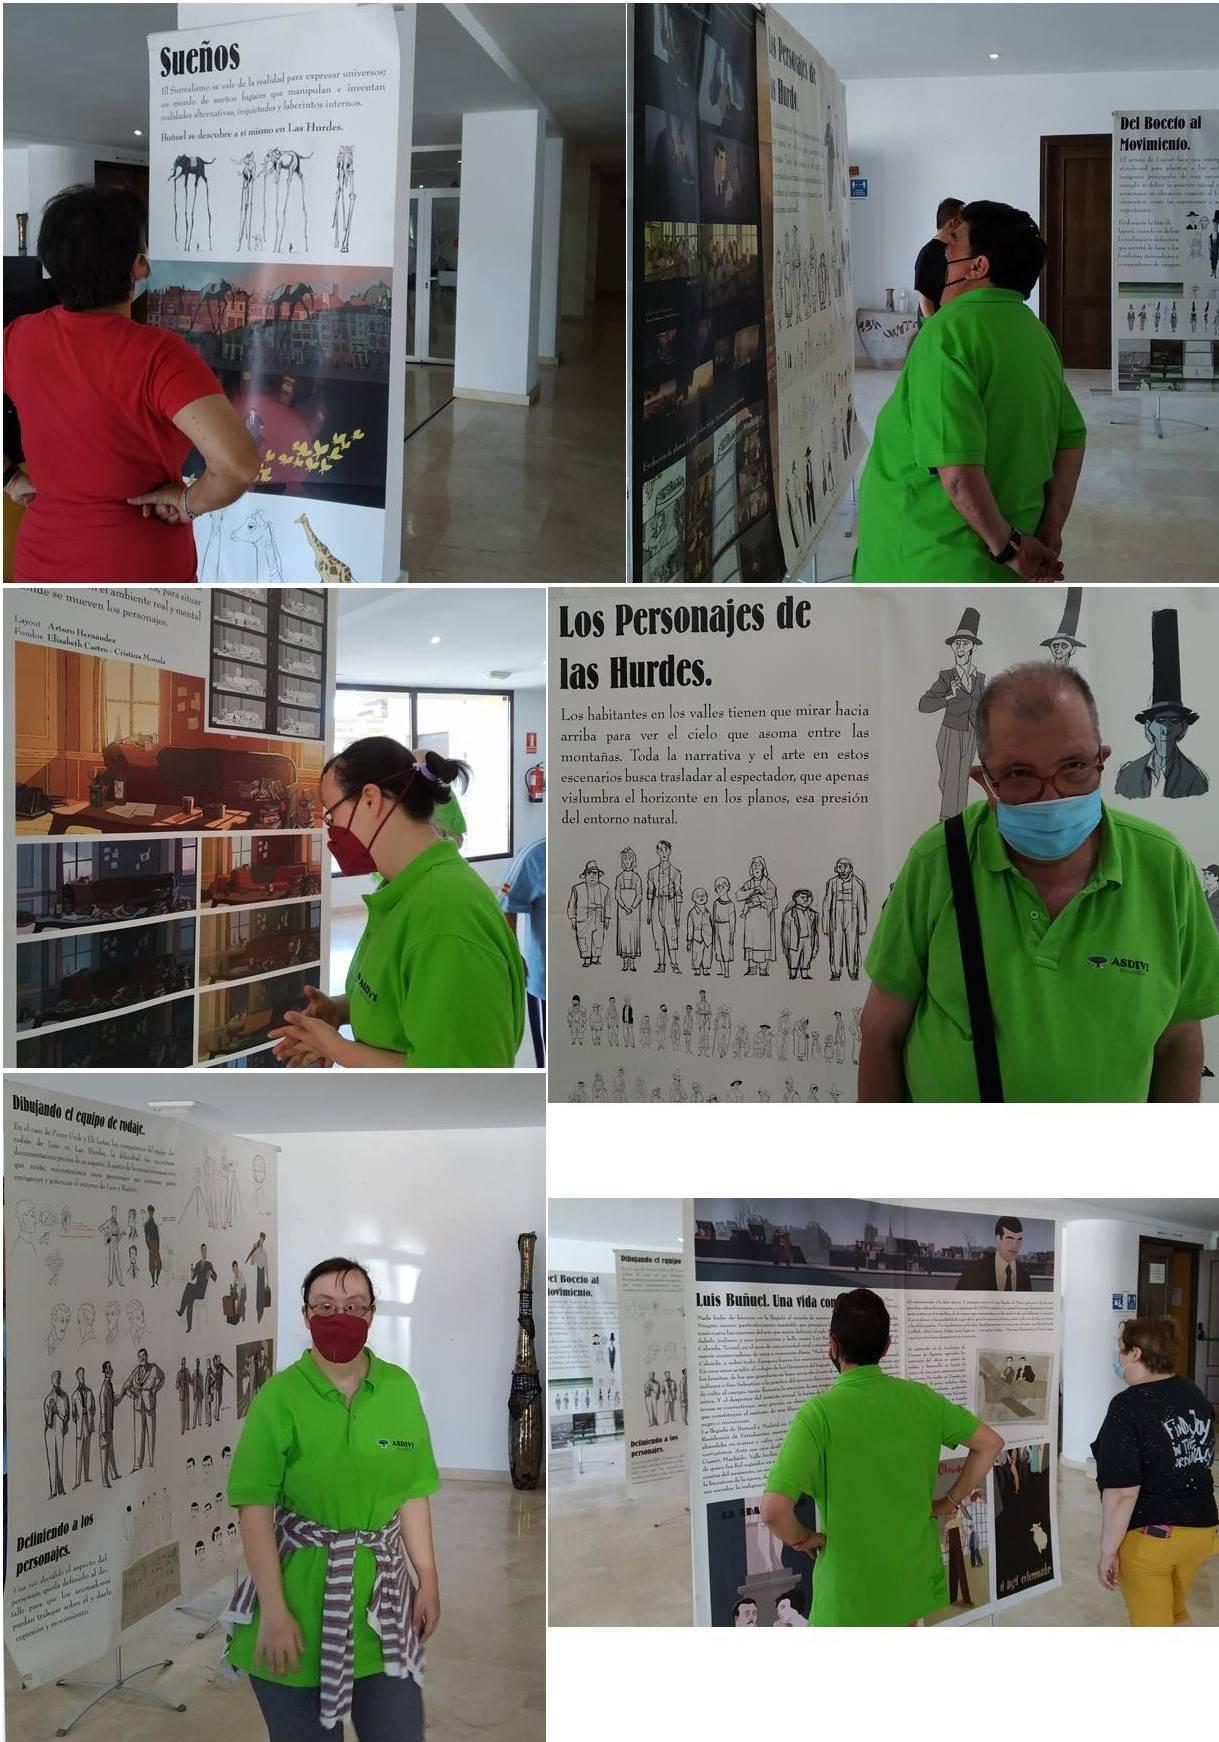 Exposición de arte de Buñuel En el laberinto de las tortugas (2021)